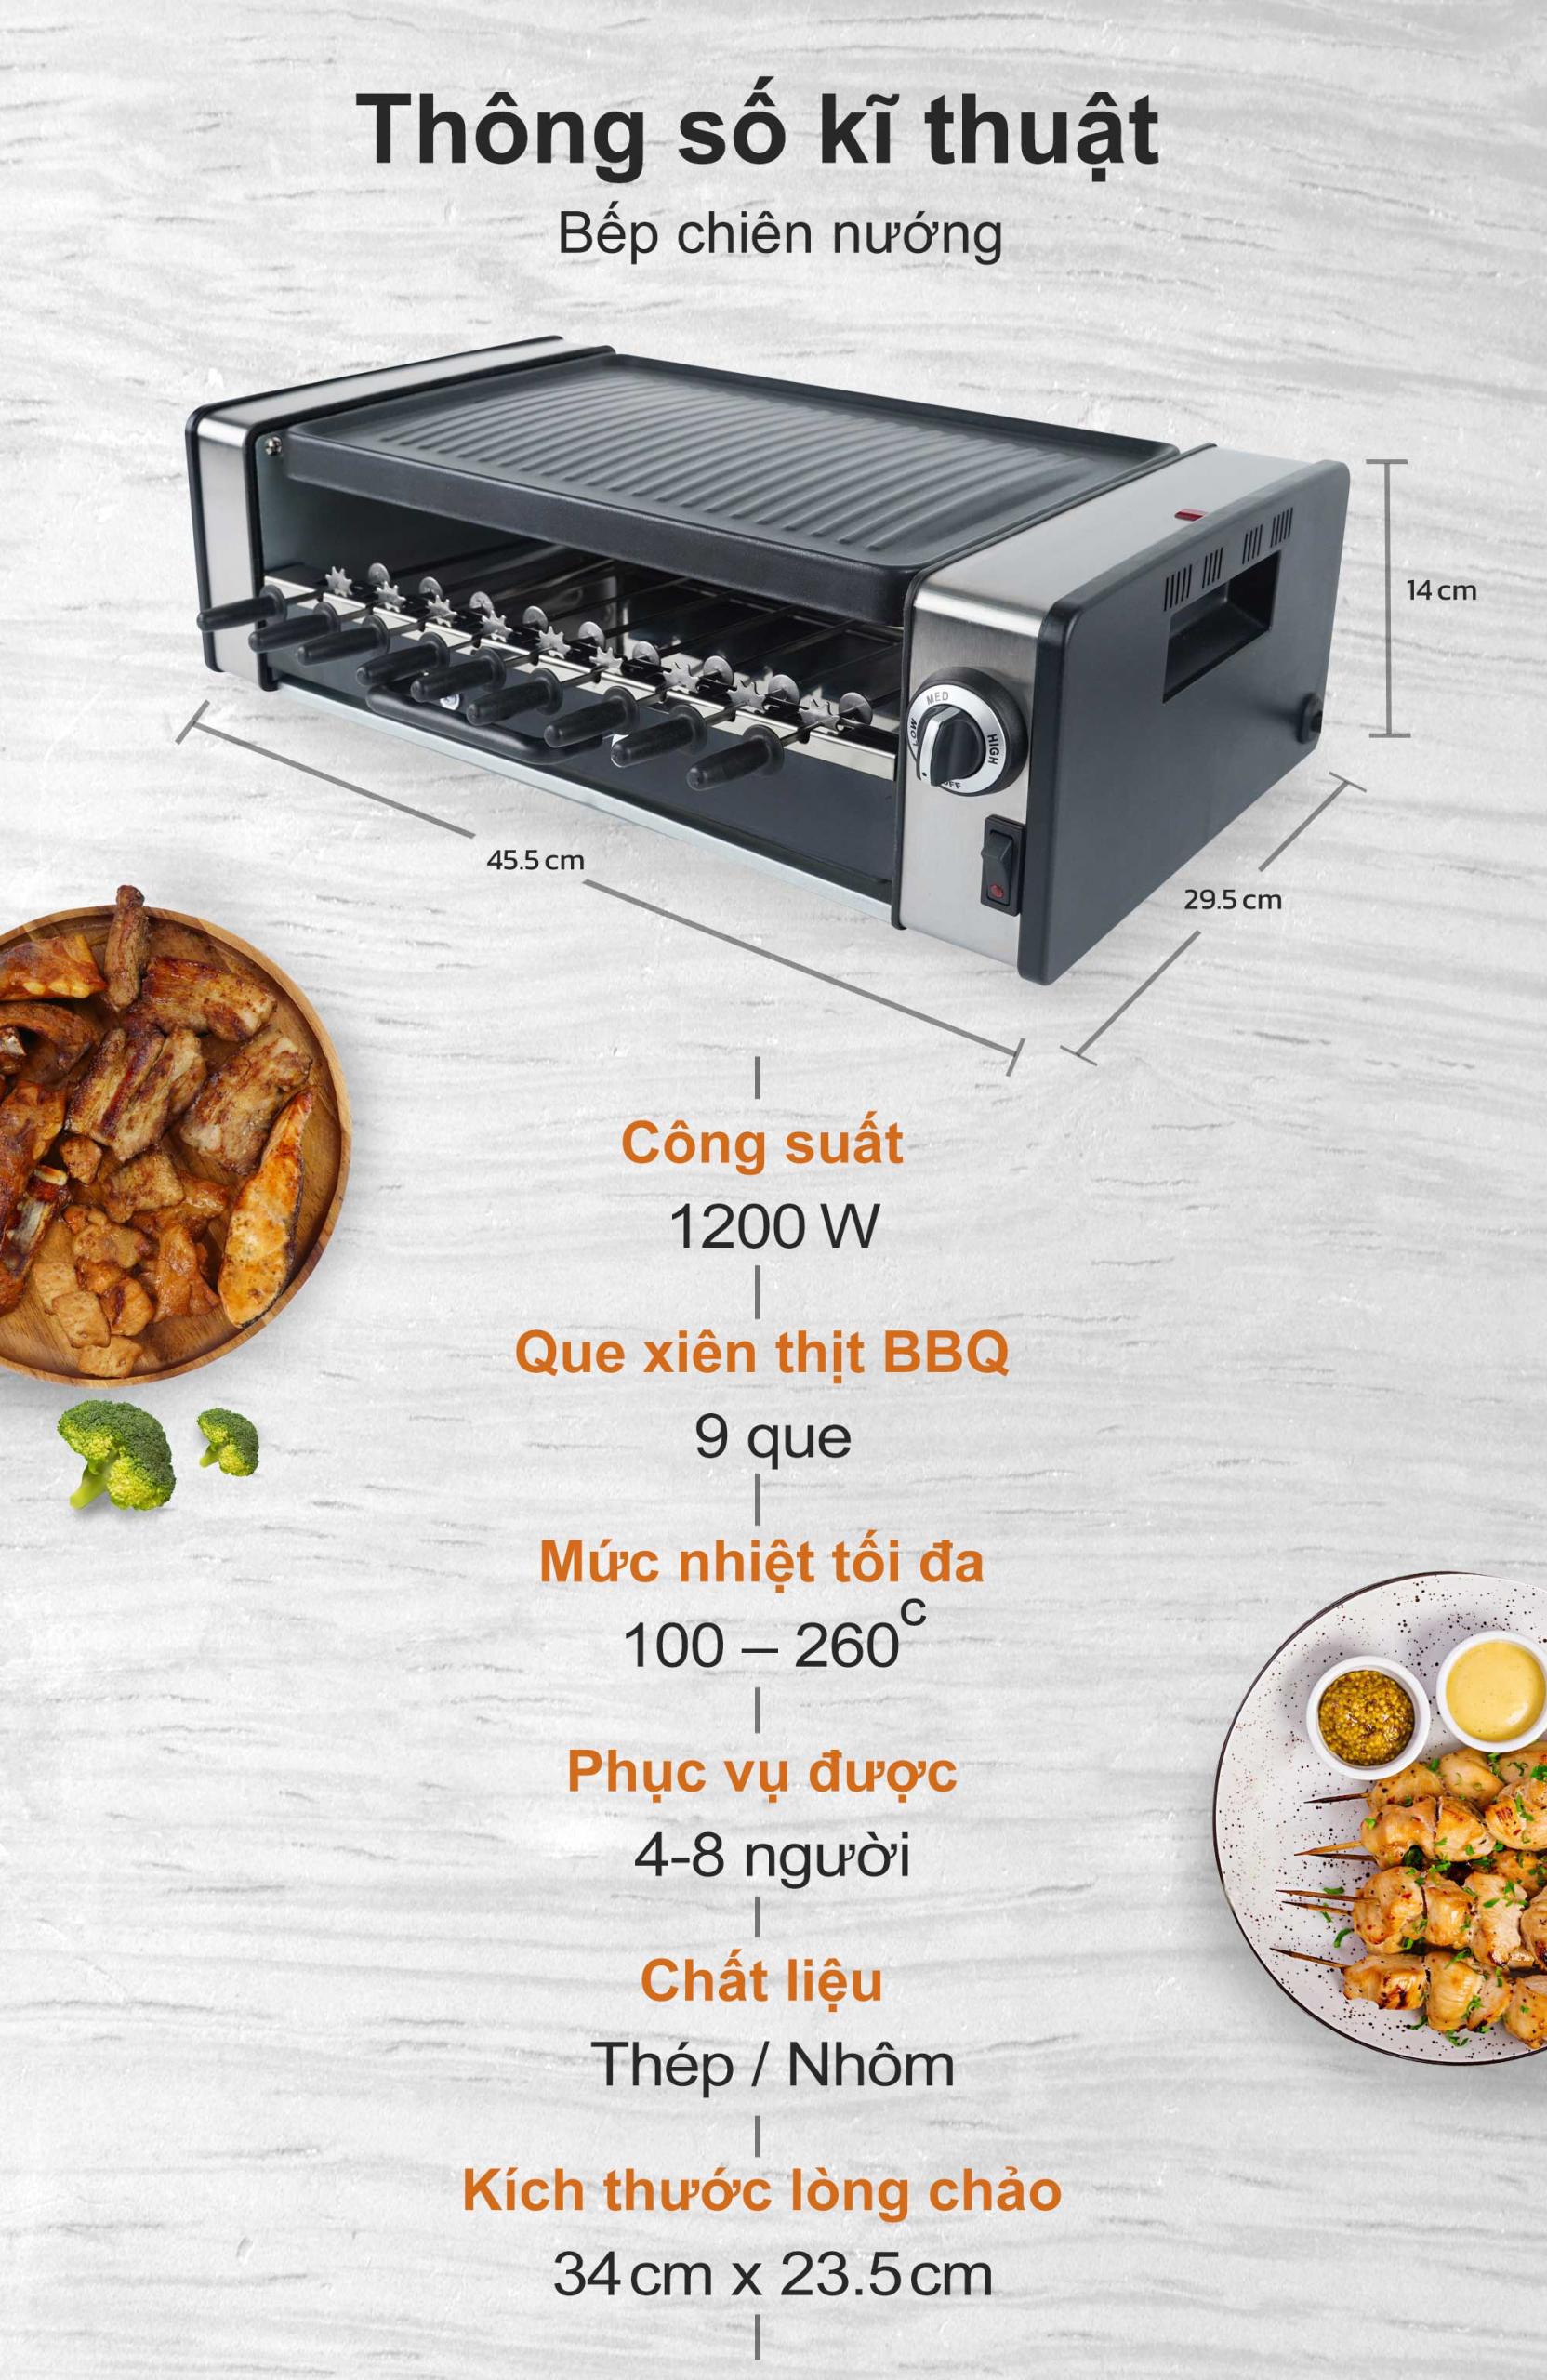 Thông số kỹ thuật bếp nướng BBQ GM-H